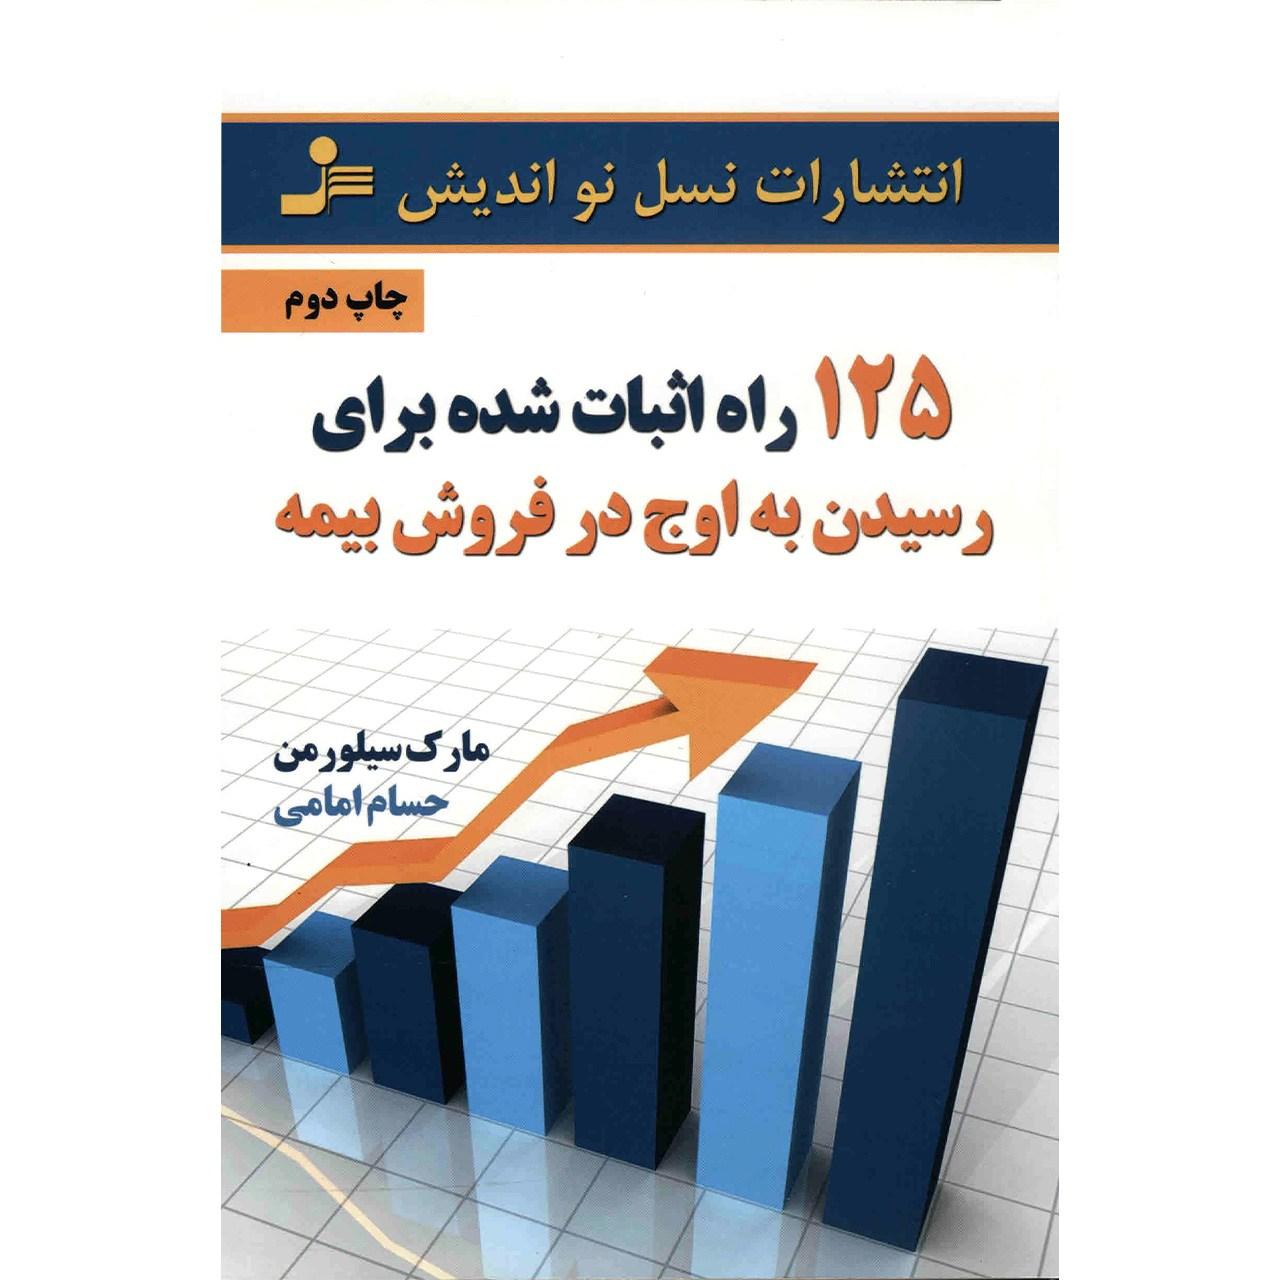 کتاب 125 راه اثبات شده برای رسیدن به اوج در فروش بیمه اثر مارک سیلورمن